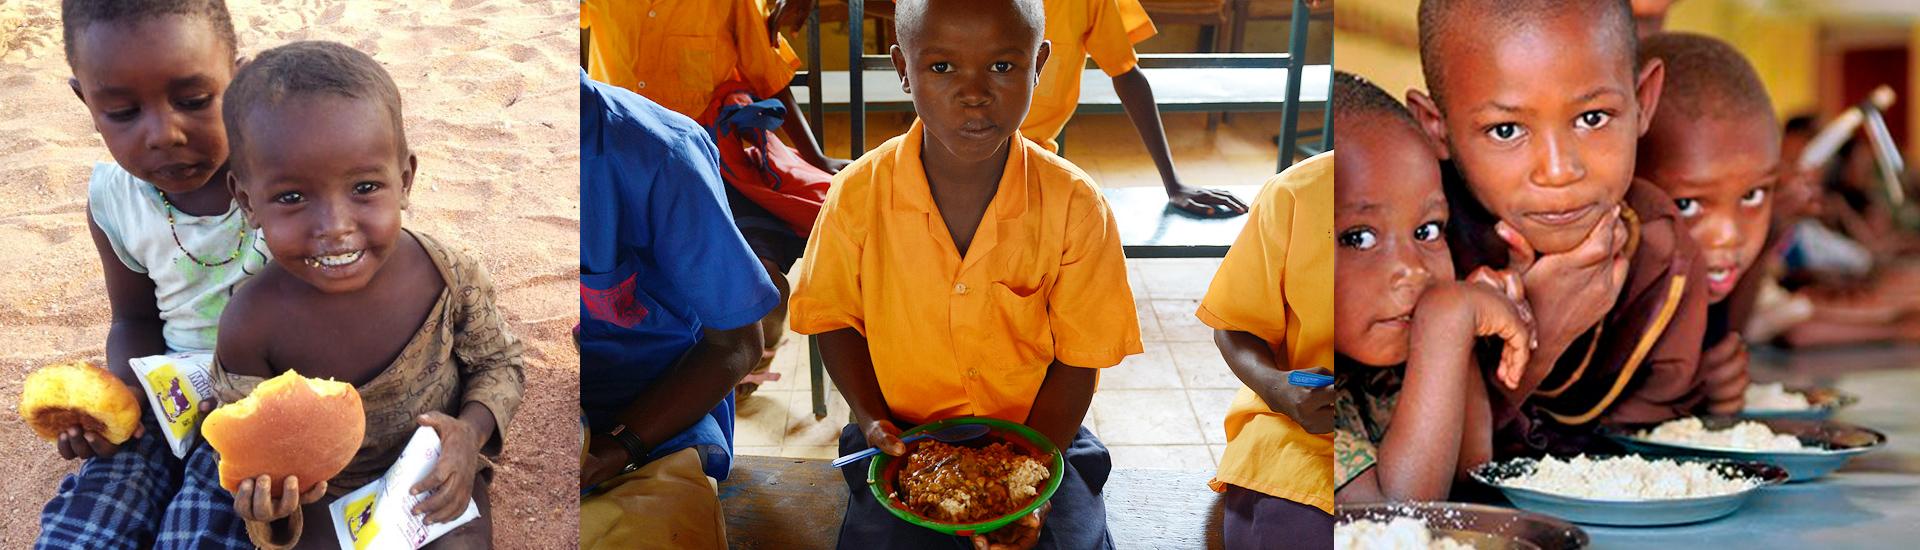 El hambre no debería ir a la escuela